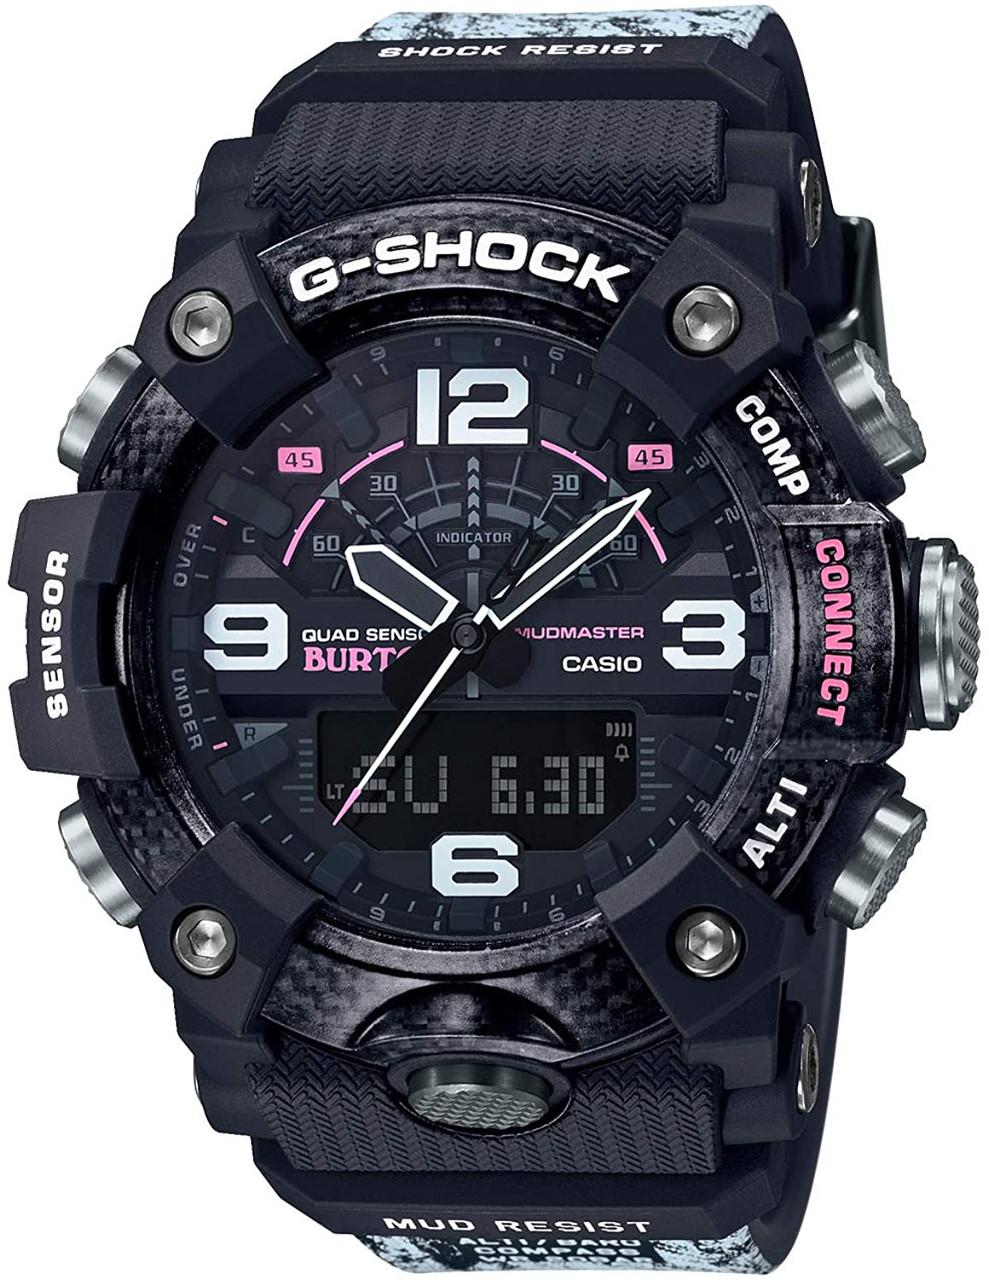 G-Shock Mudmaster Burton GG-B100BTN-1AJR